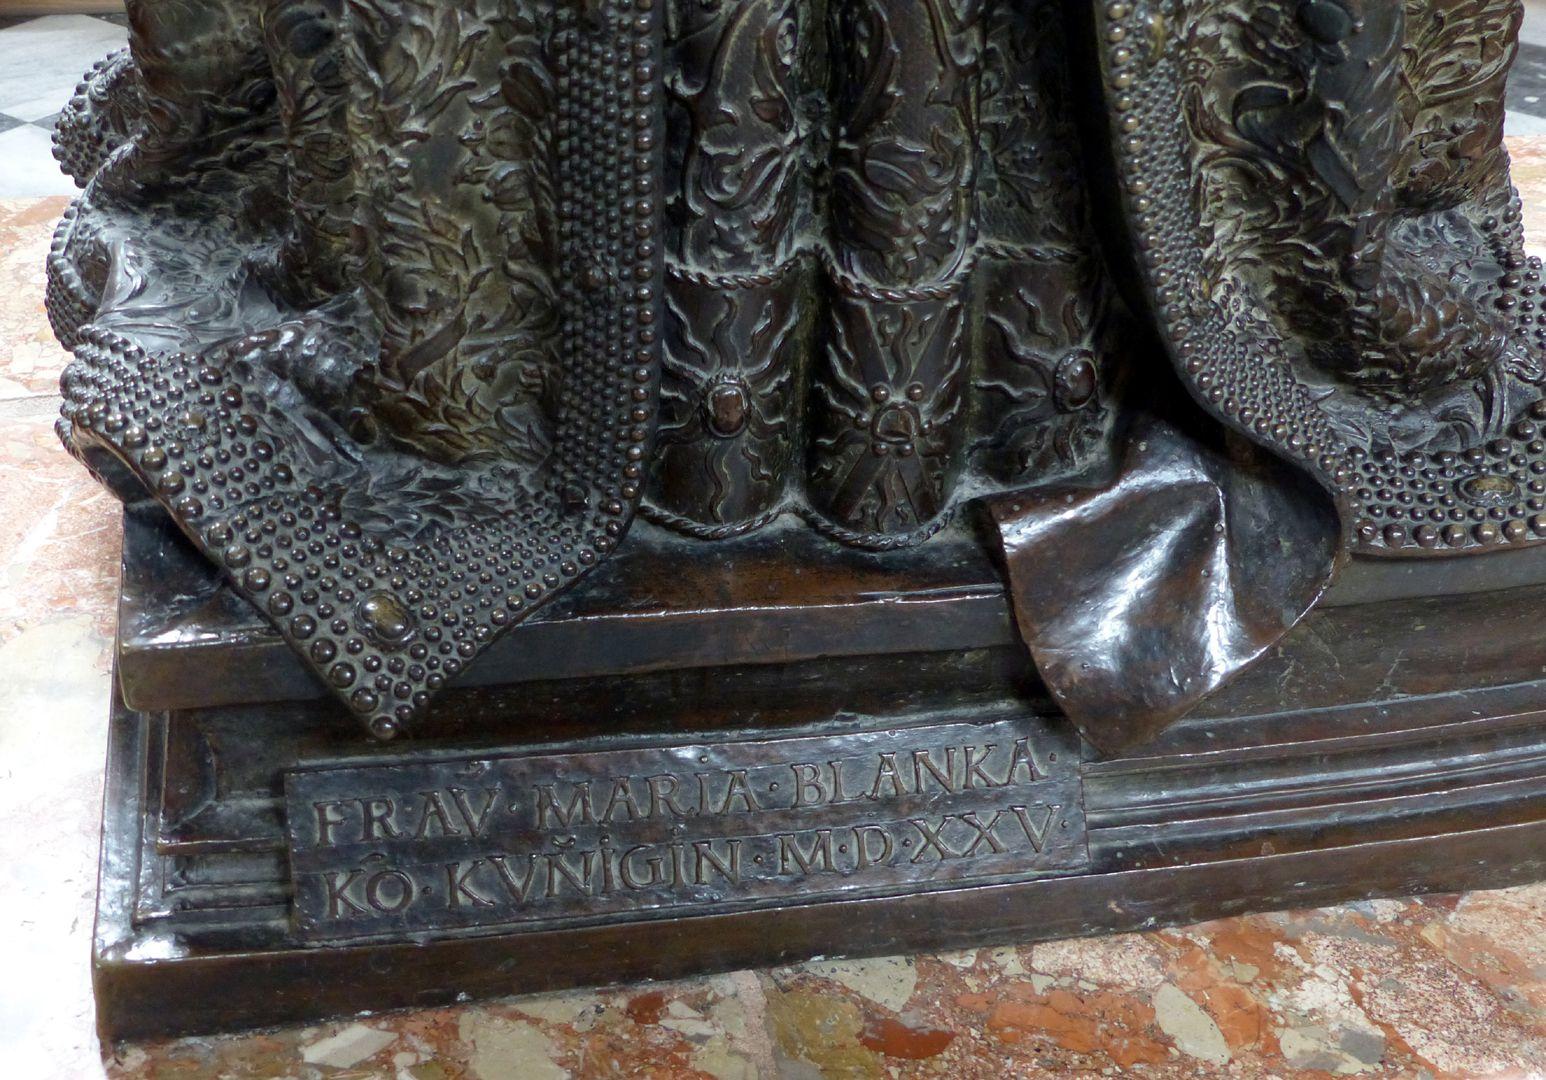 Empress Bianca Maria Sforza (Innsbruck) Pedestal with inscription